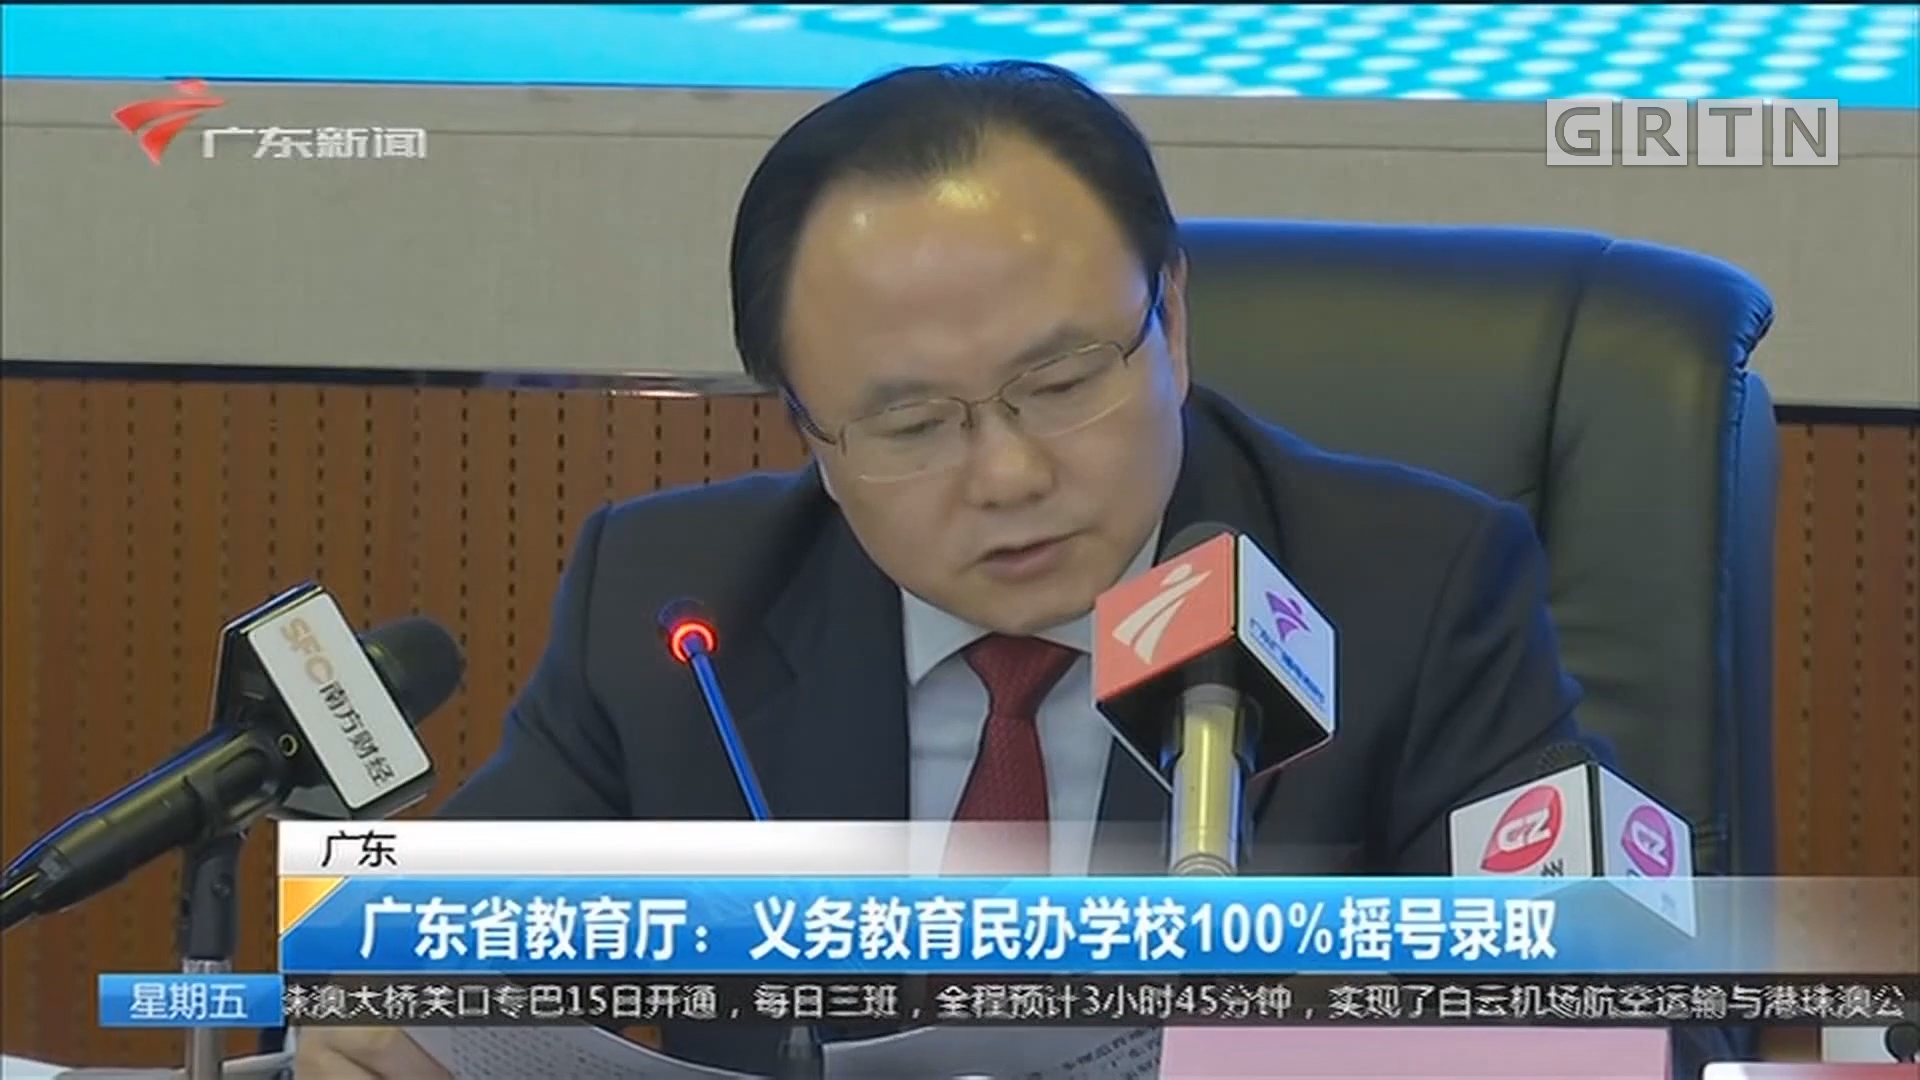 广东 广东省教育厅:义务教育民办学校100%摇号录取